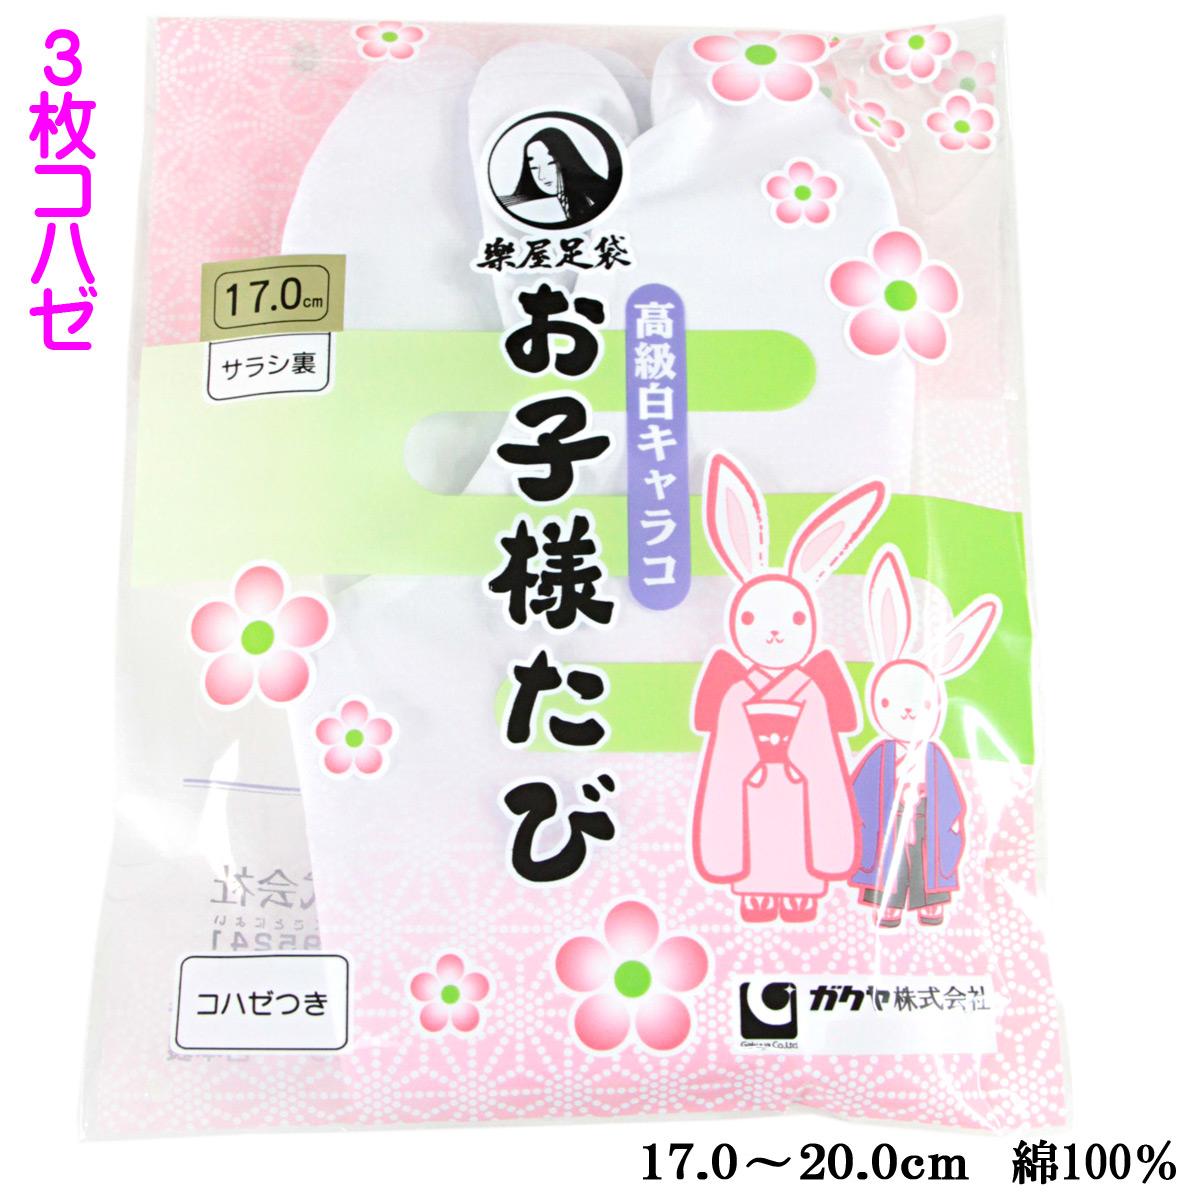 子供足袋 白足袋 ガクヤ 白キャラコ 綿100% サラシ裏 日本製 楽屋足袋 お子様たび 一等 子供用 3枚コハゼ 白 17.0cm-20.0cm